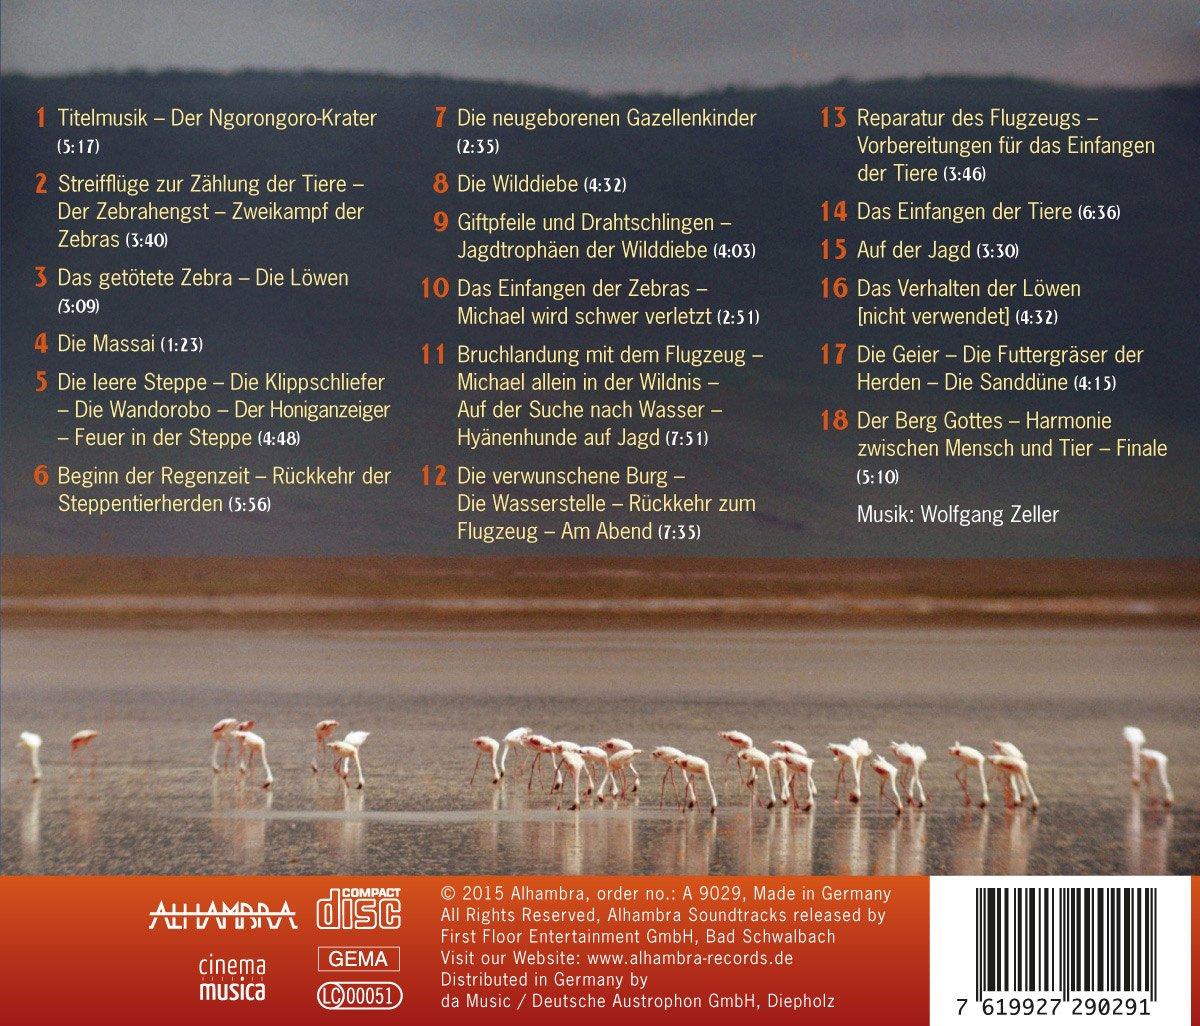 Serengeti Darf Nicht Sterben (Original Soundtrack) - Wolfgang Zeller ...